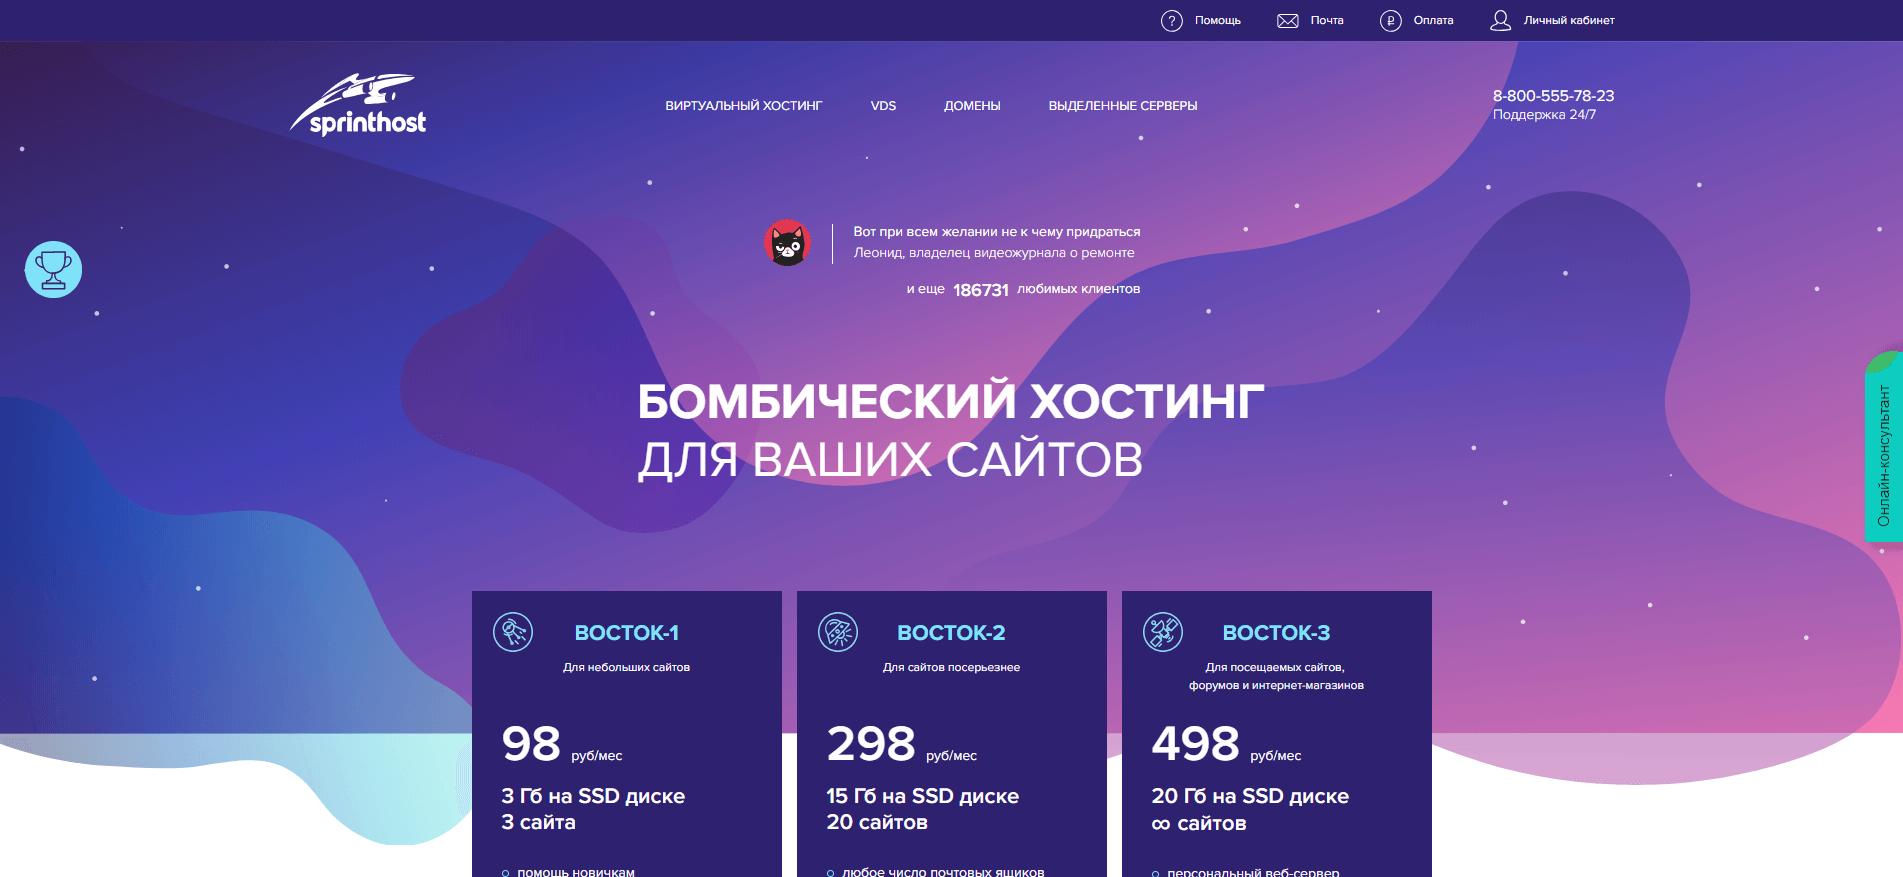 Хостинг sprinthost ru отзывы что такое хостинга сайта